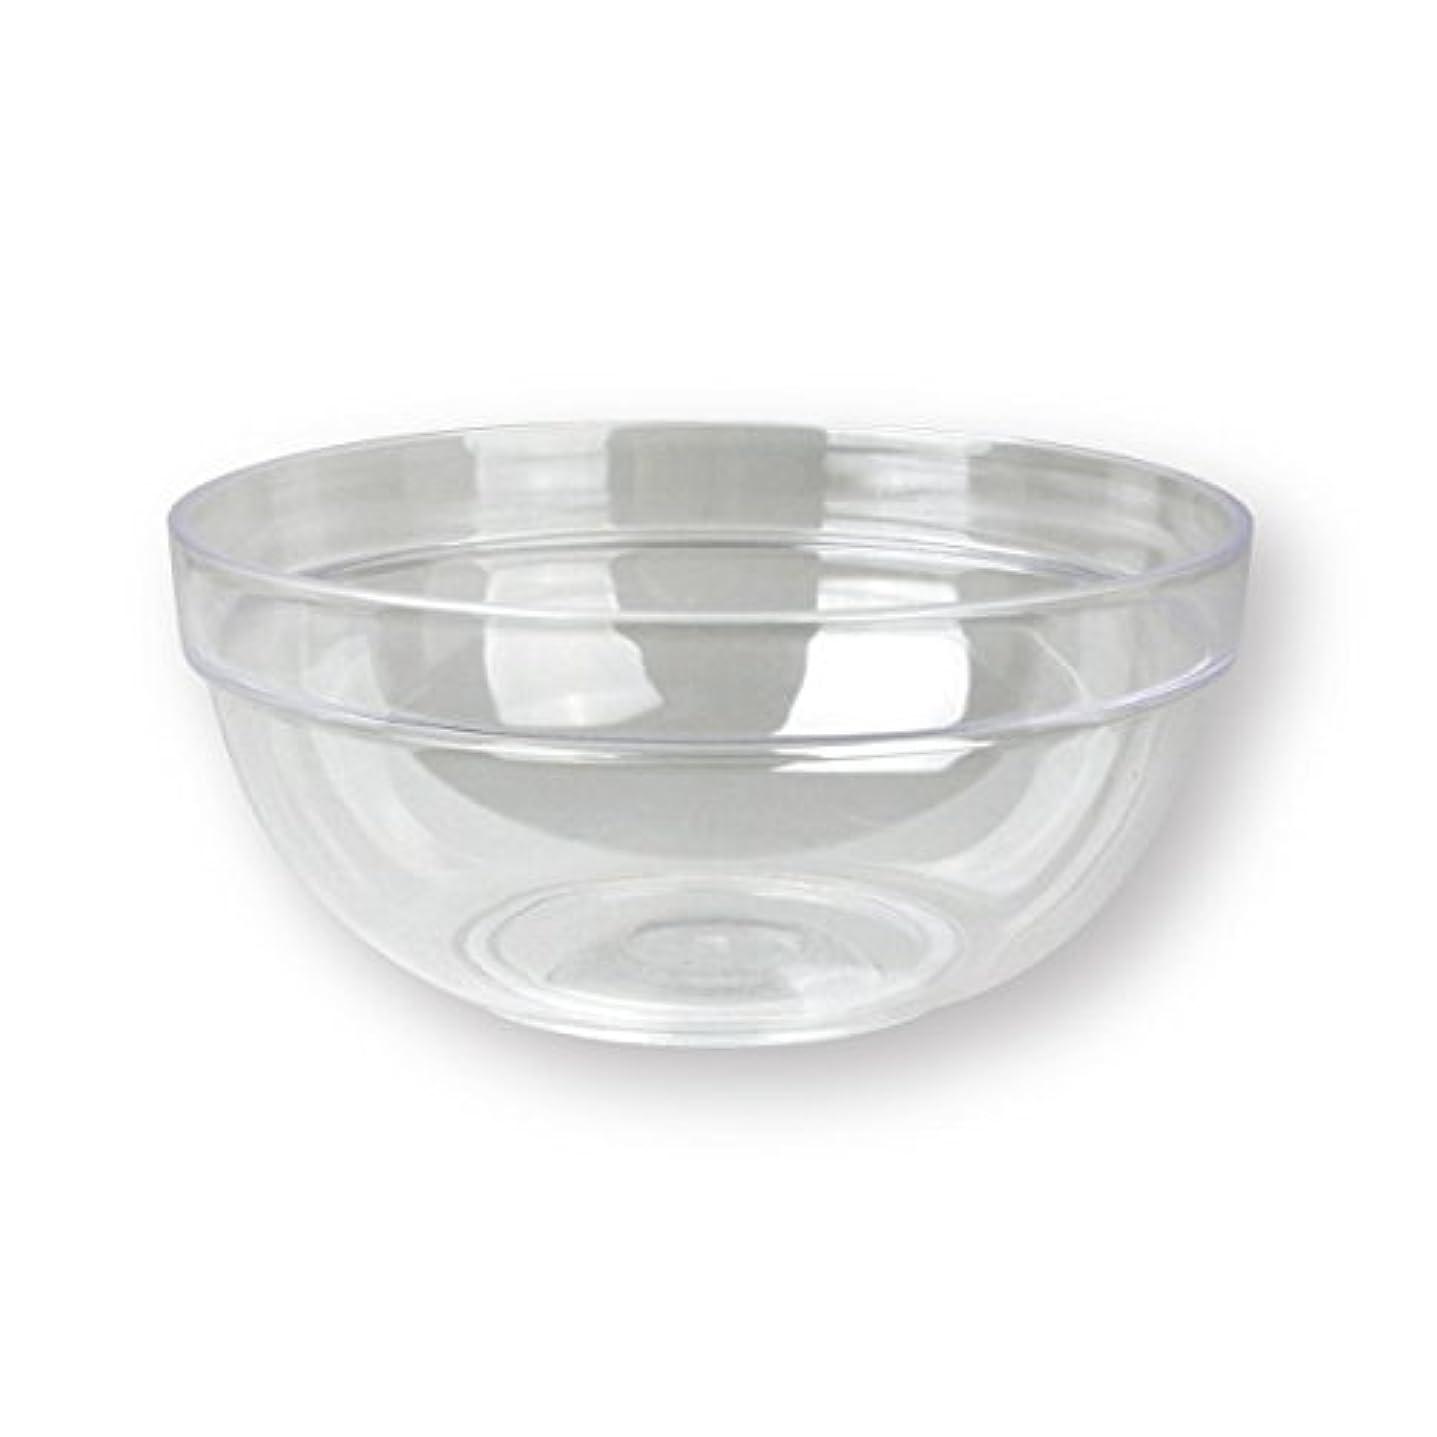 バラエティうめき声エキサイティング4個セットプラスチックボール プラスチック ボウル カップクリア 直径20cm